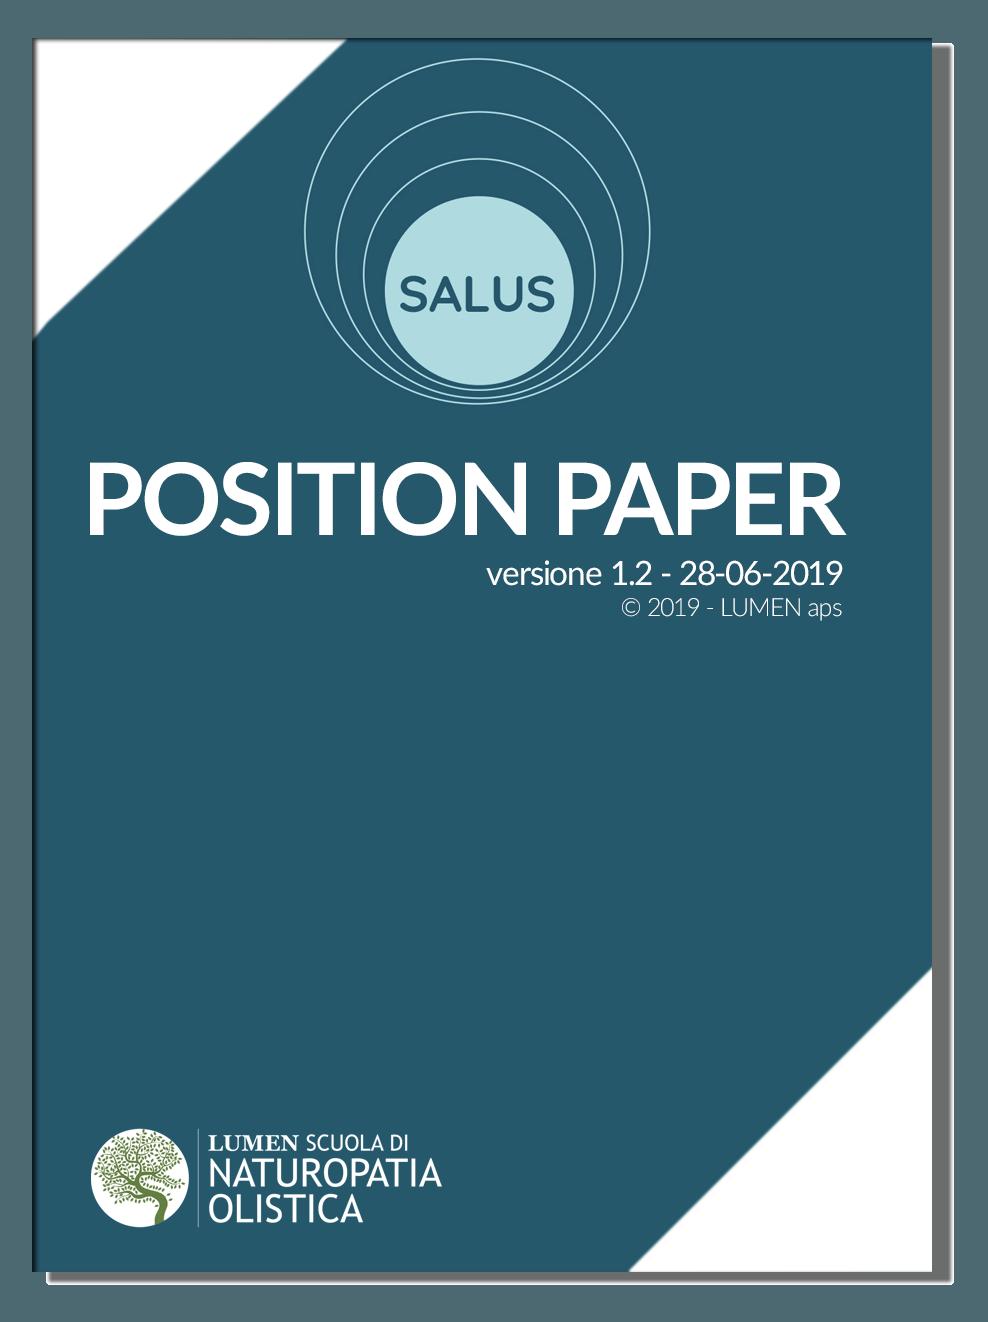 salus position paper